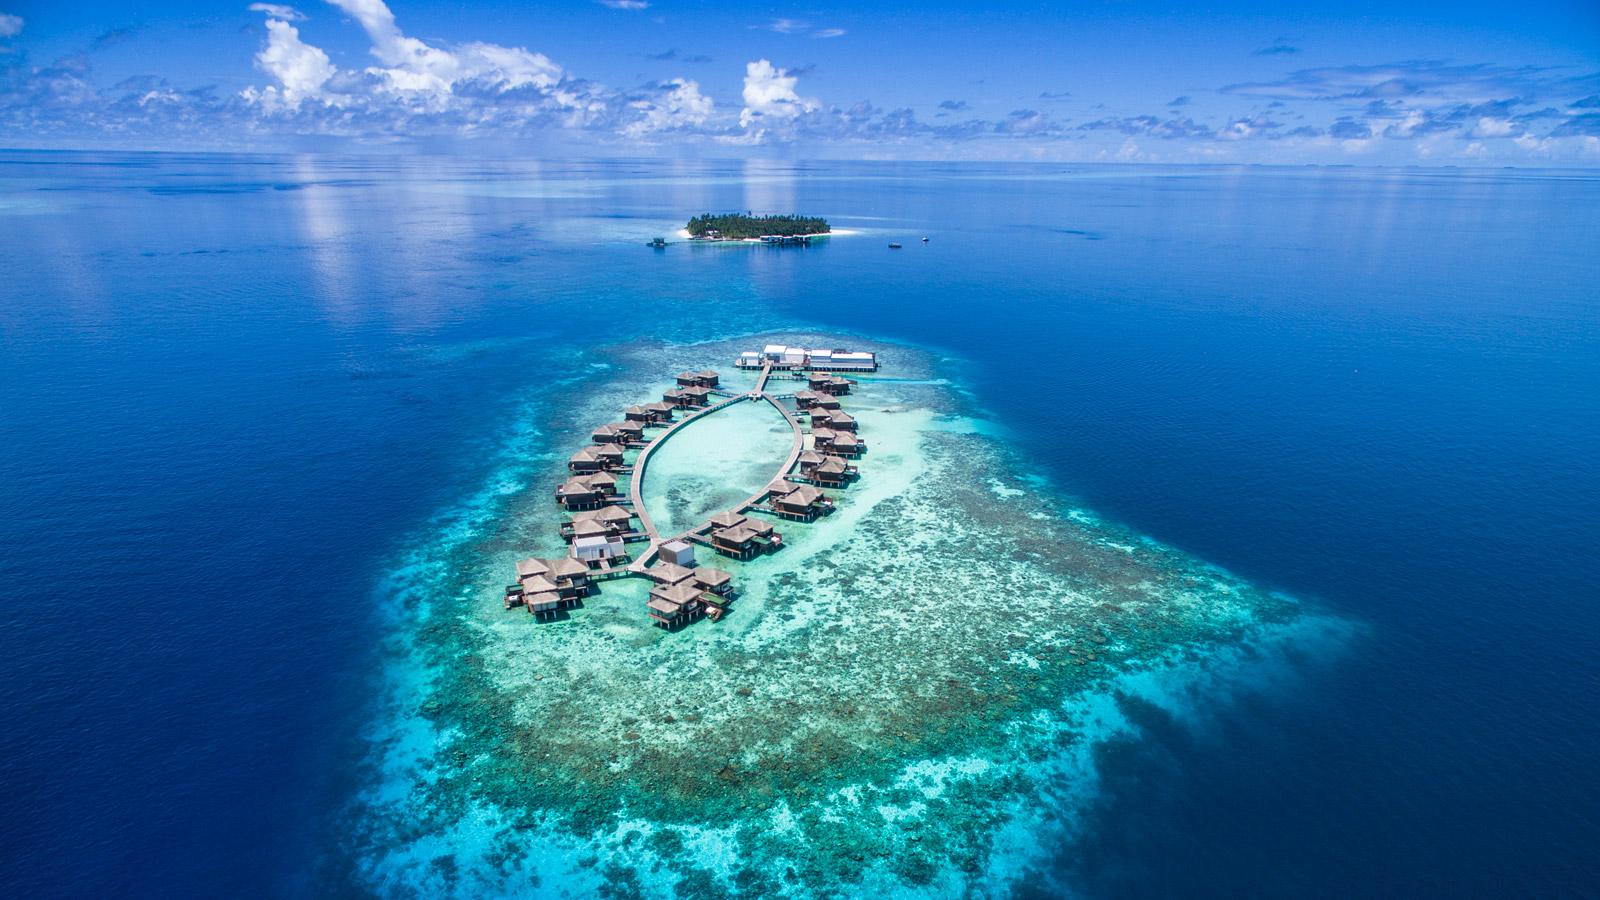 صور جزر المالديف 4